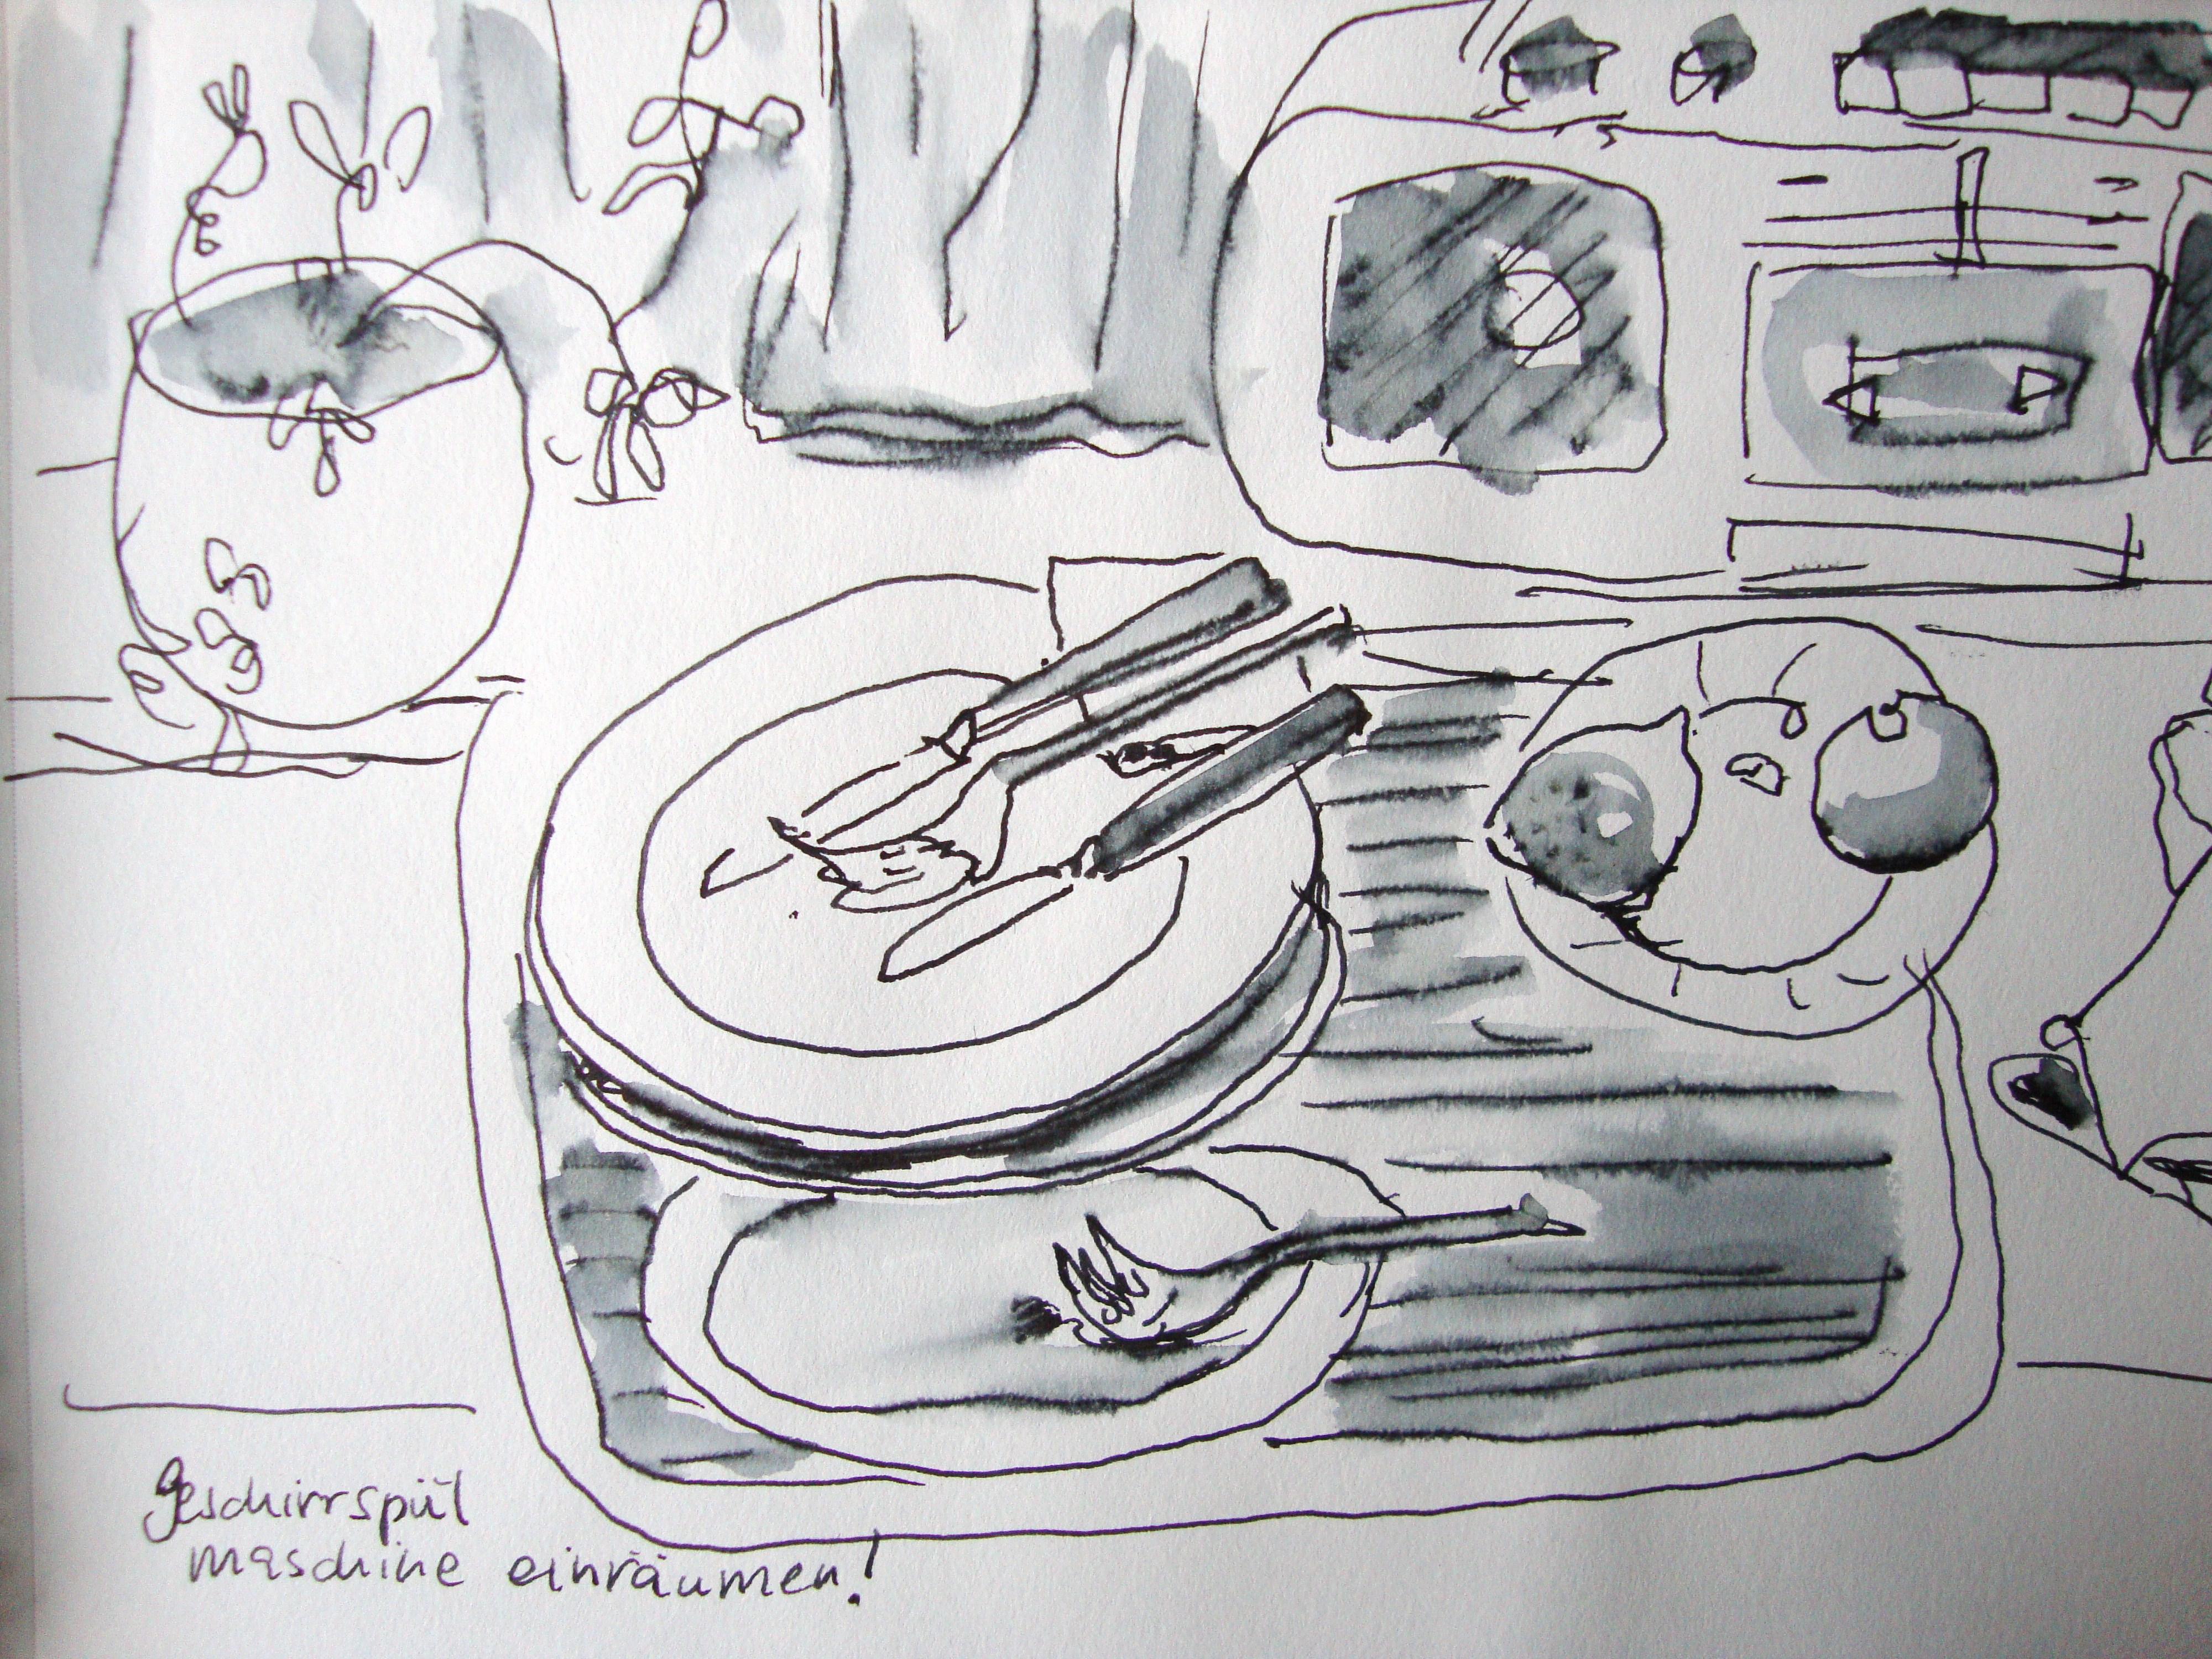 k che aufr umen oder doch lieber zeichnen zeichnen mit martina wald. Black Bedroom Furniture Sets. Home Design Ideas